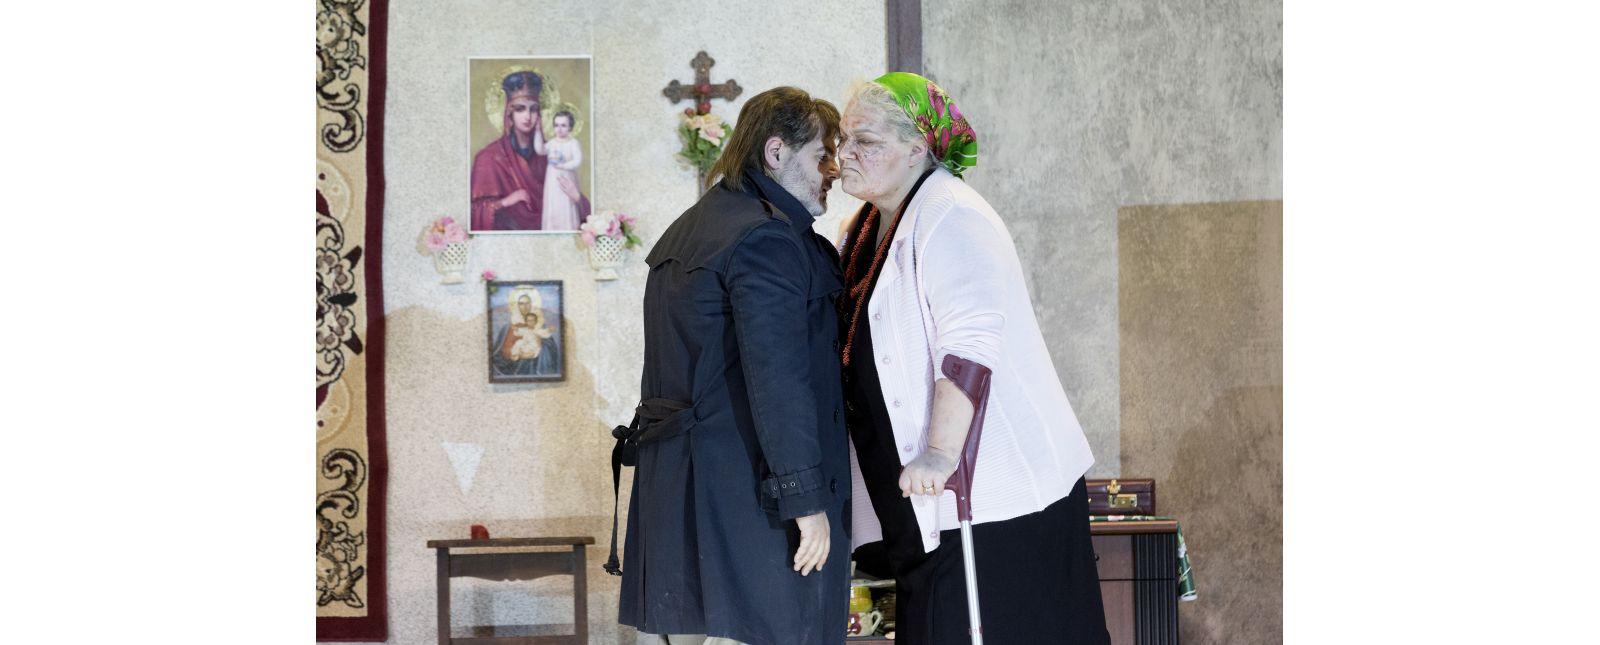 Katja Kabanowa // Roberto Gionfriddo, Anja Jung // Rainer Muranyi // 2018